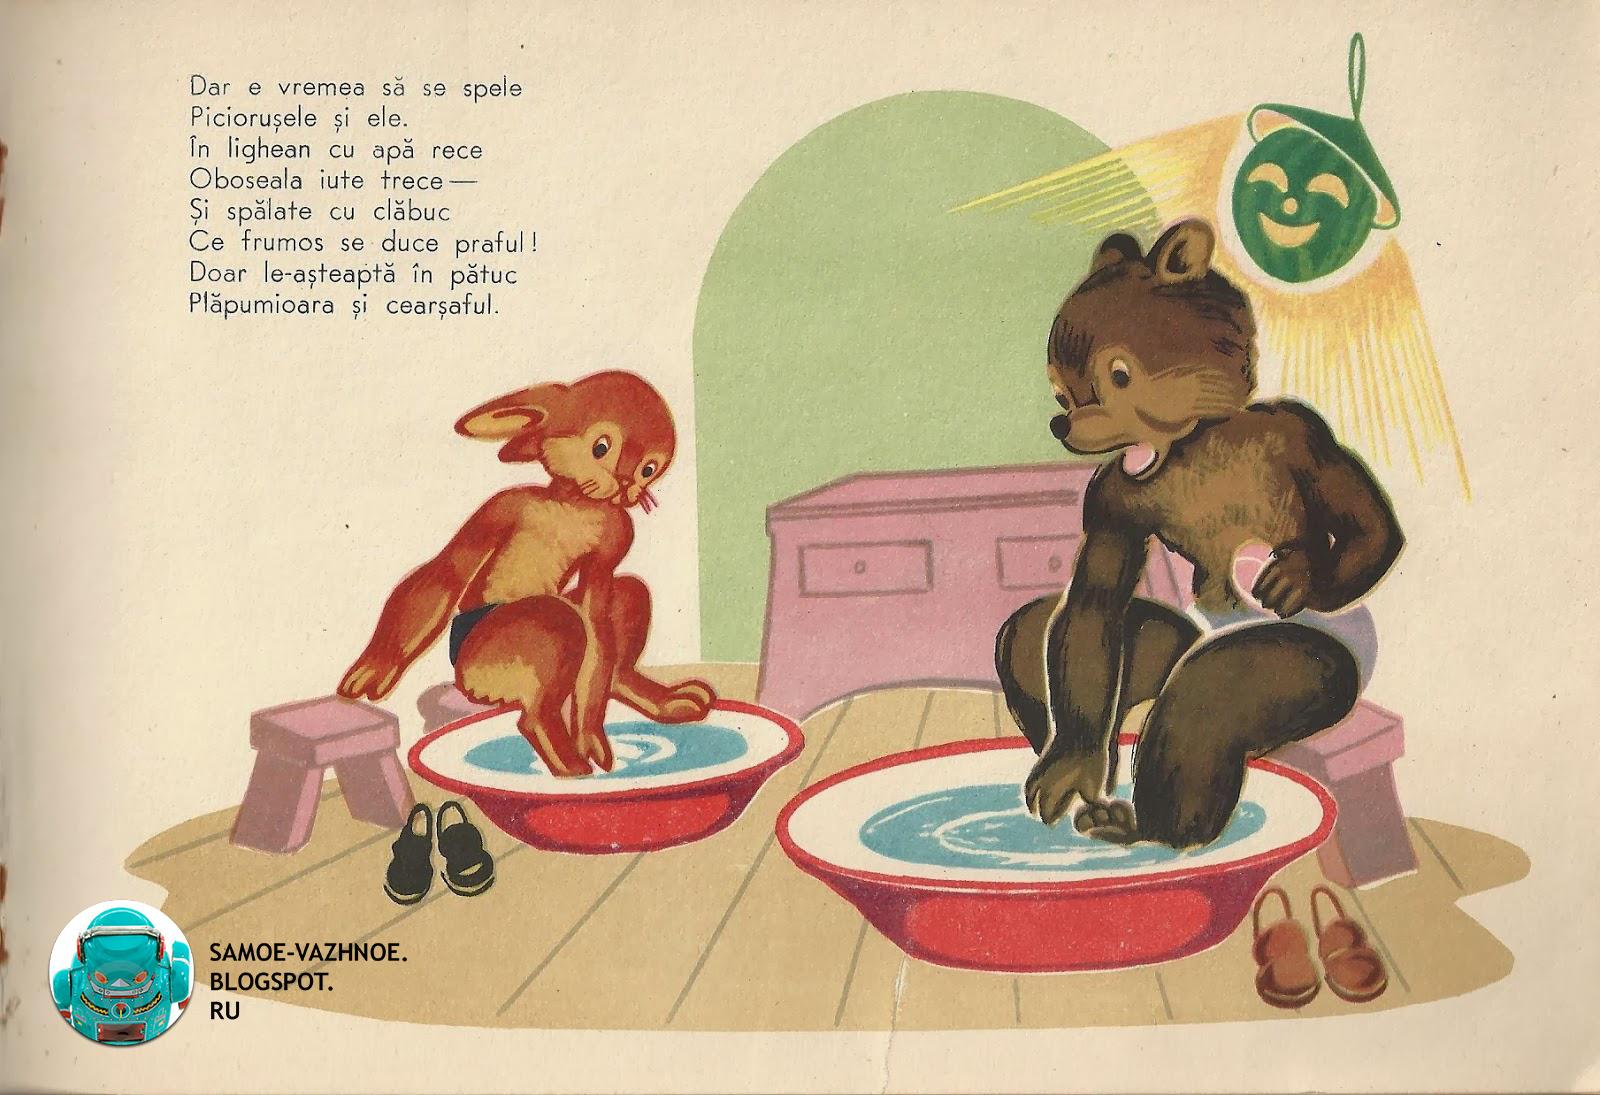 Советские детские книги каталог. Список детских книг СССР